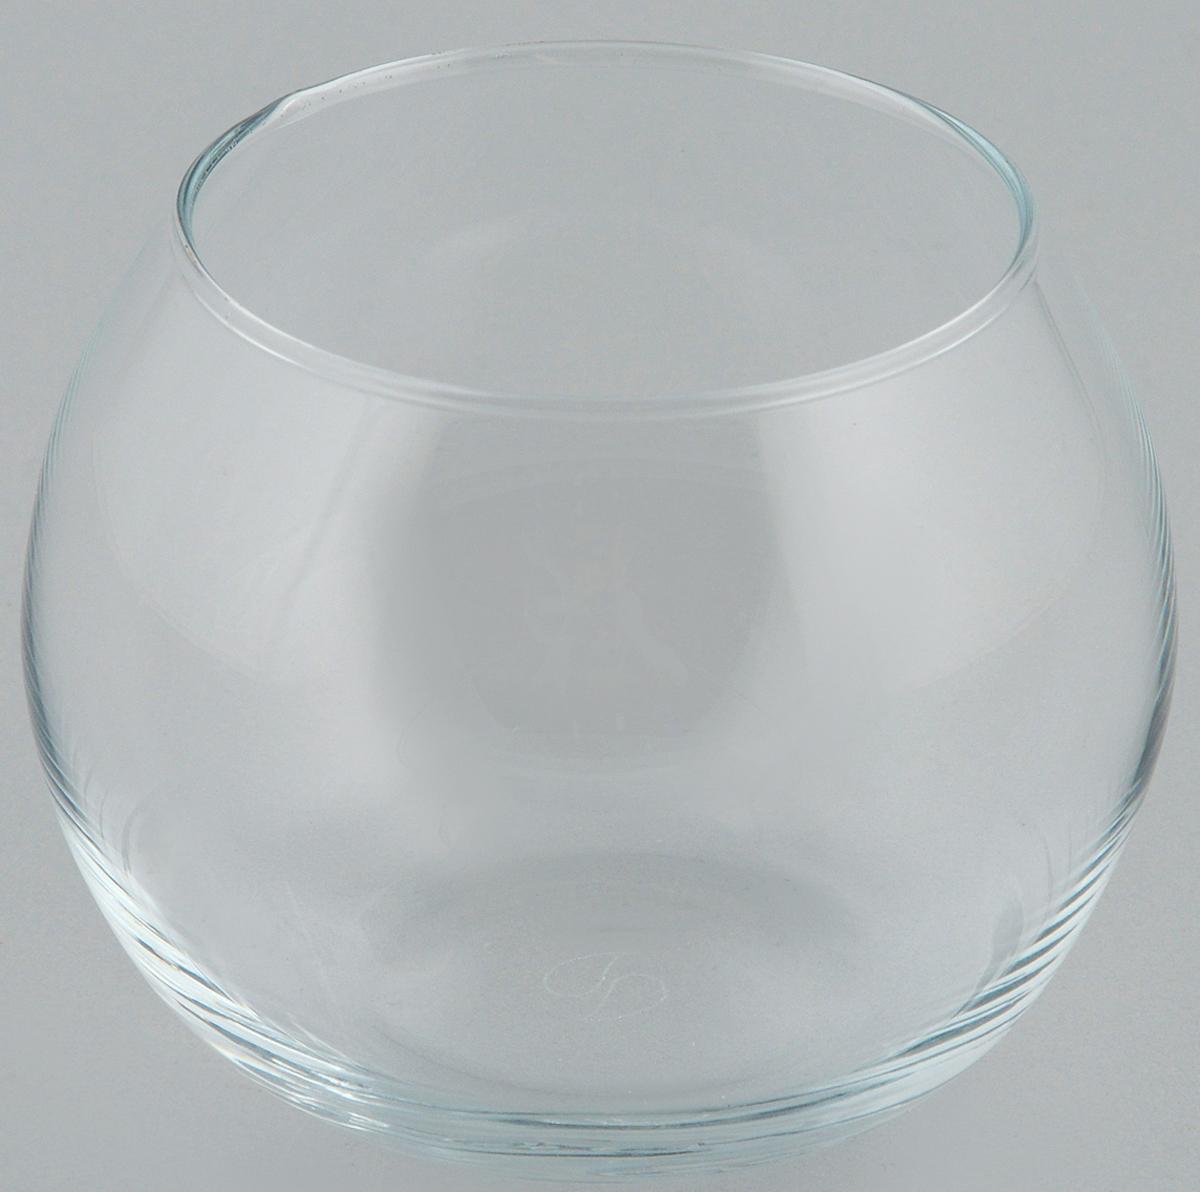 Ваза Pasabahce Flora, высота 7,9 см43407BДекоративная ваза Pasabahce Flora выполненаиз высококачественного прозрачного стекла. Изделие придется по вкусу и ценителям классики, итем, кто предпочитает утонченность и изящность.Вы можете поставить вазу в любом месте, где онабудет удачно смотреться и радовать глаз. Такаяваза подойдет для декора интерьера. Кроме того -это отличный вариант подарка для ваших близких идрузей. Высота вазы: 7,9 см.